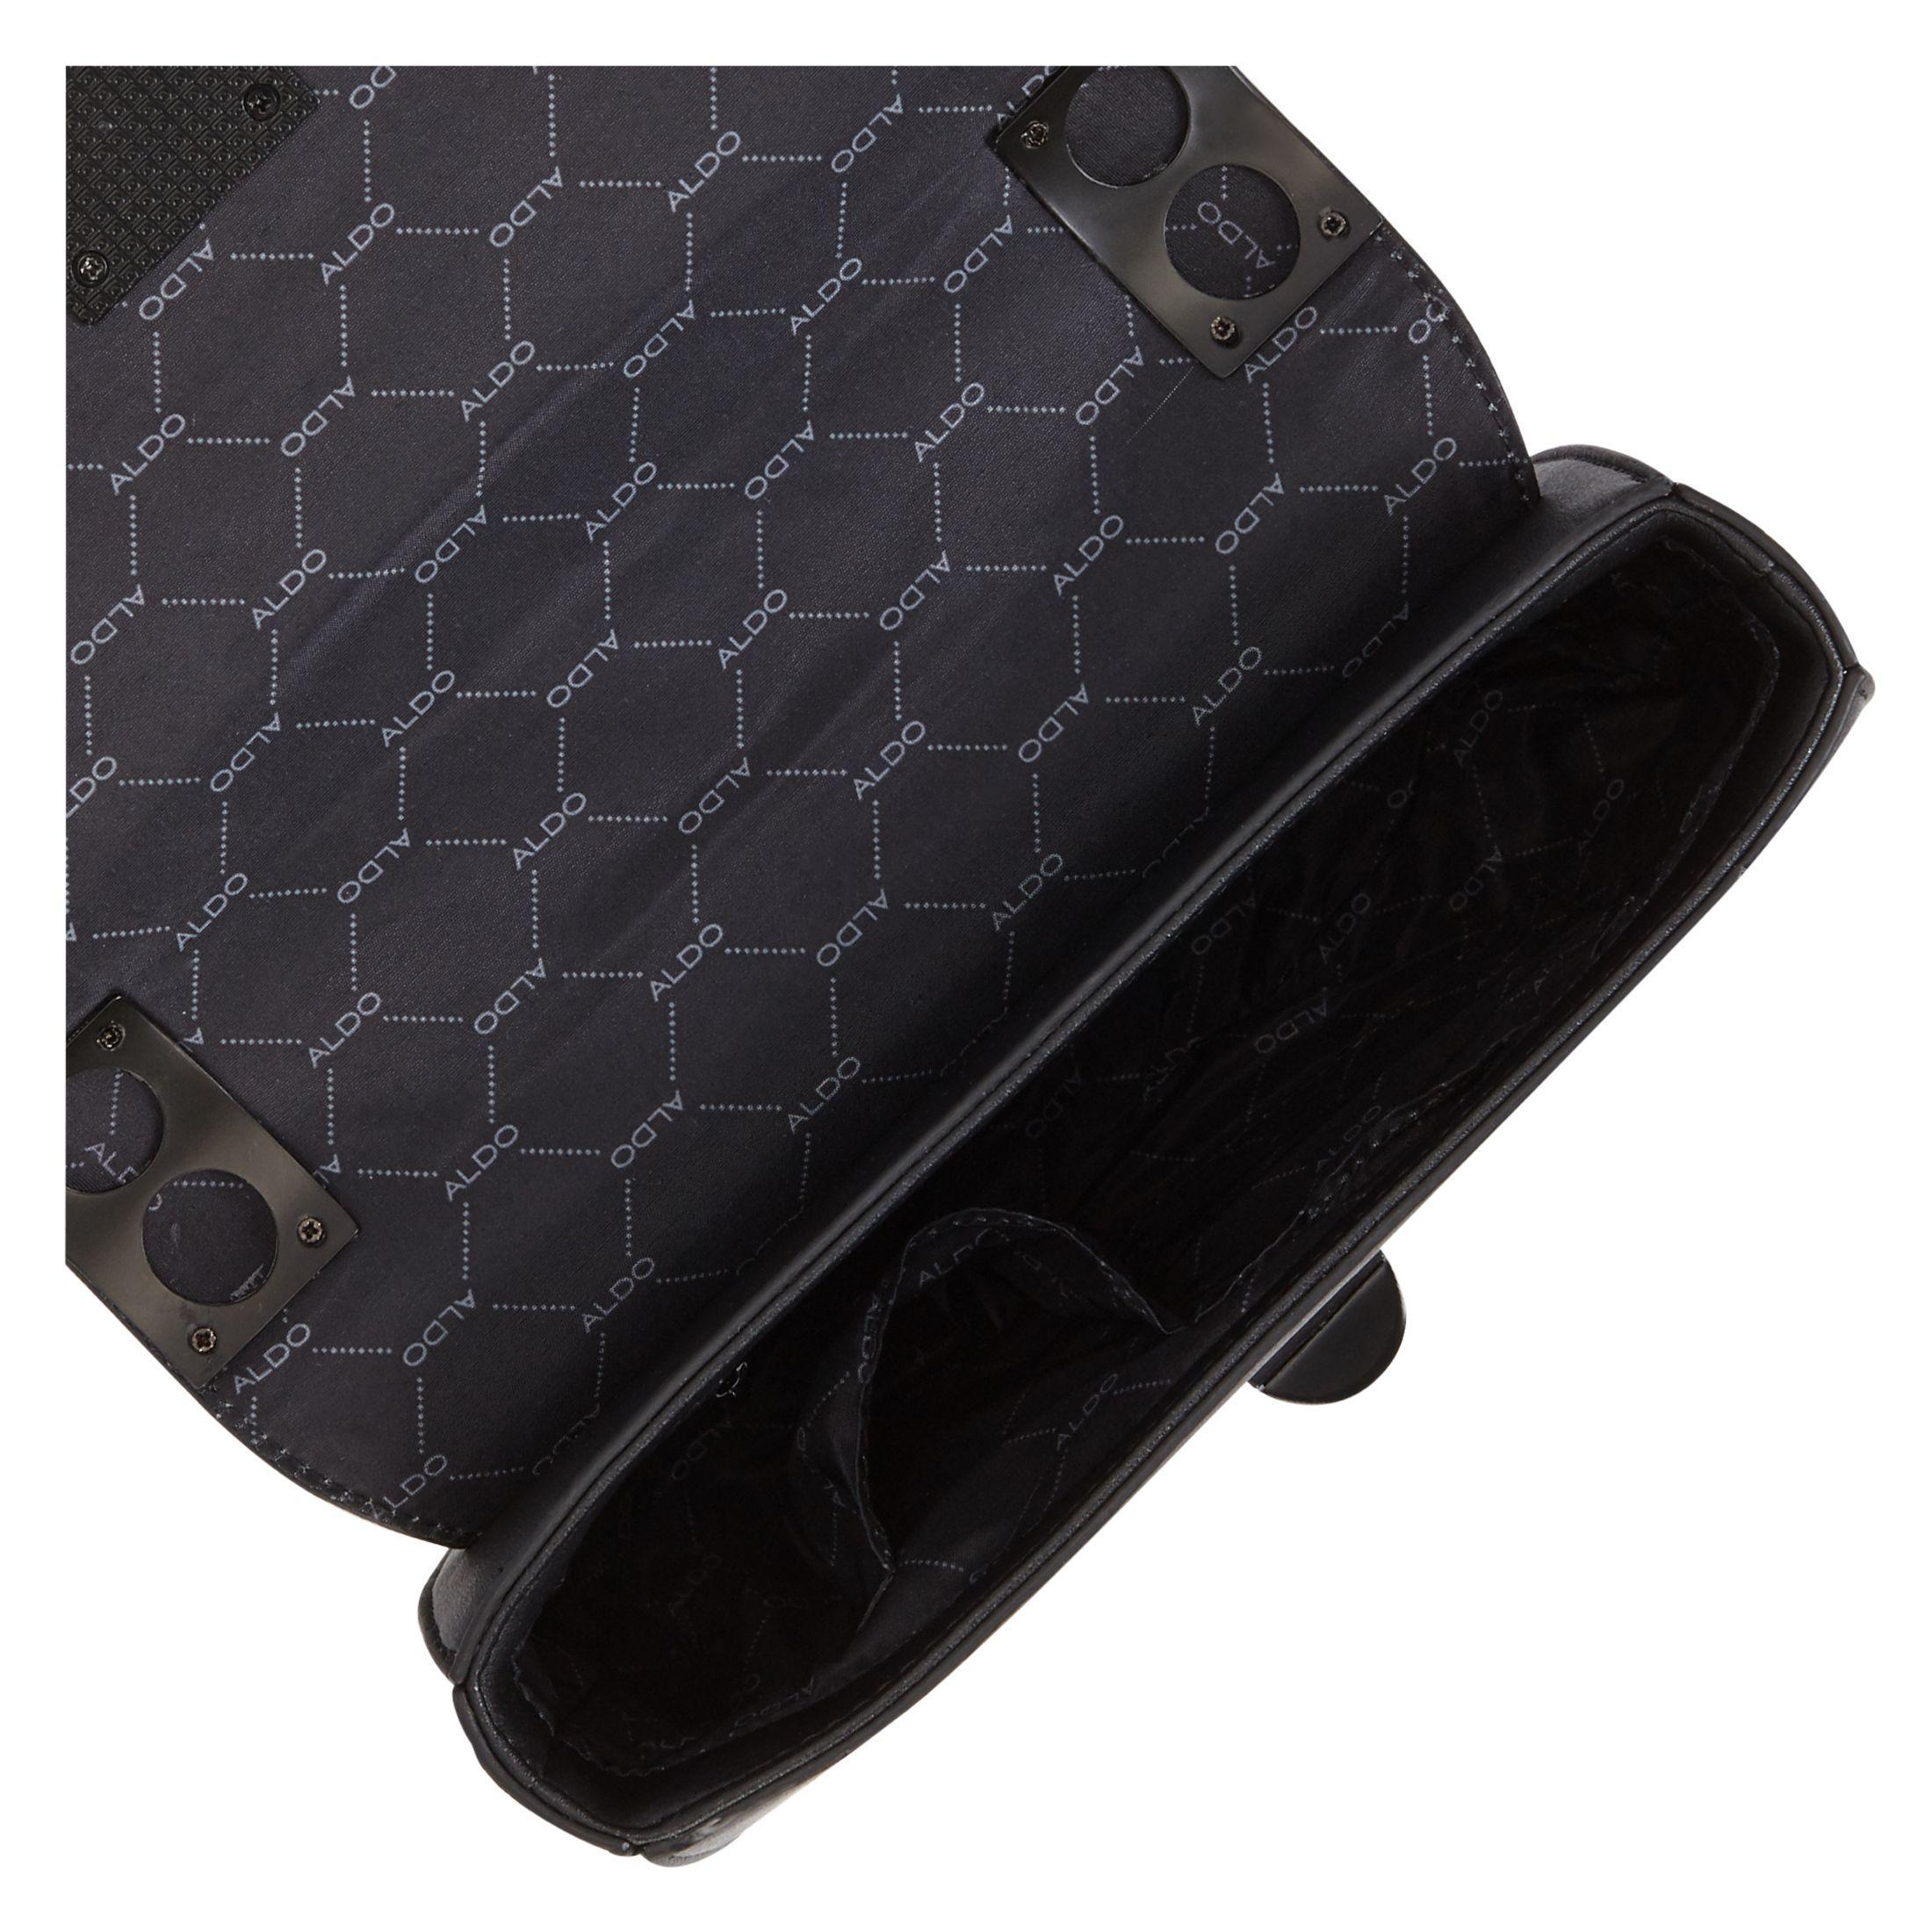 ALDO Synthetic Colby Cross Body Bag in Black